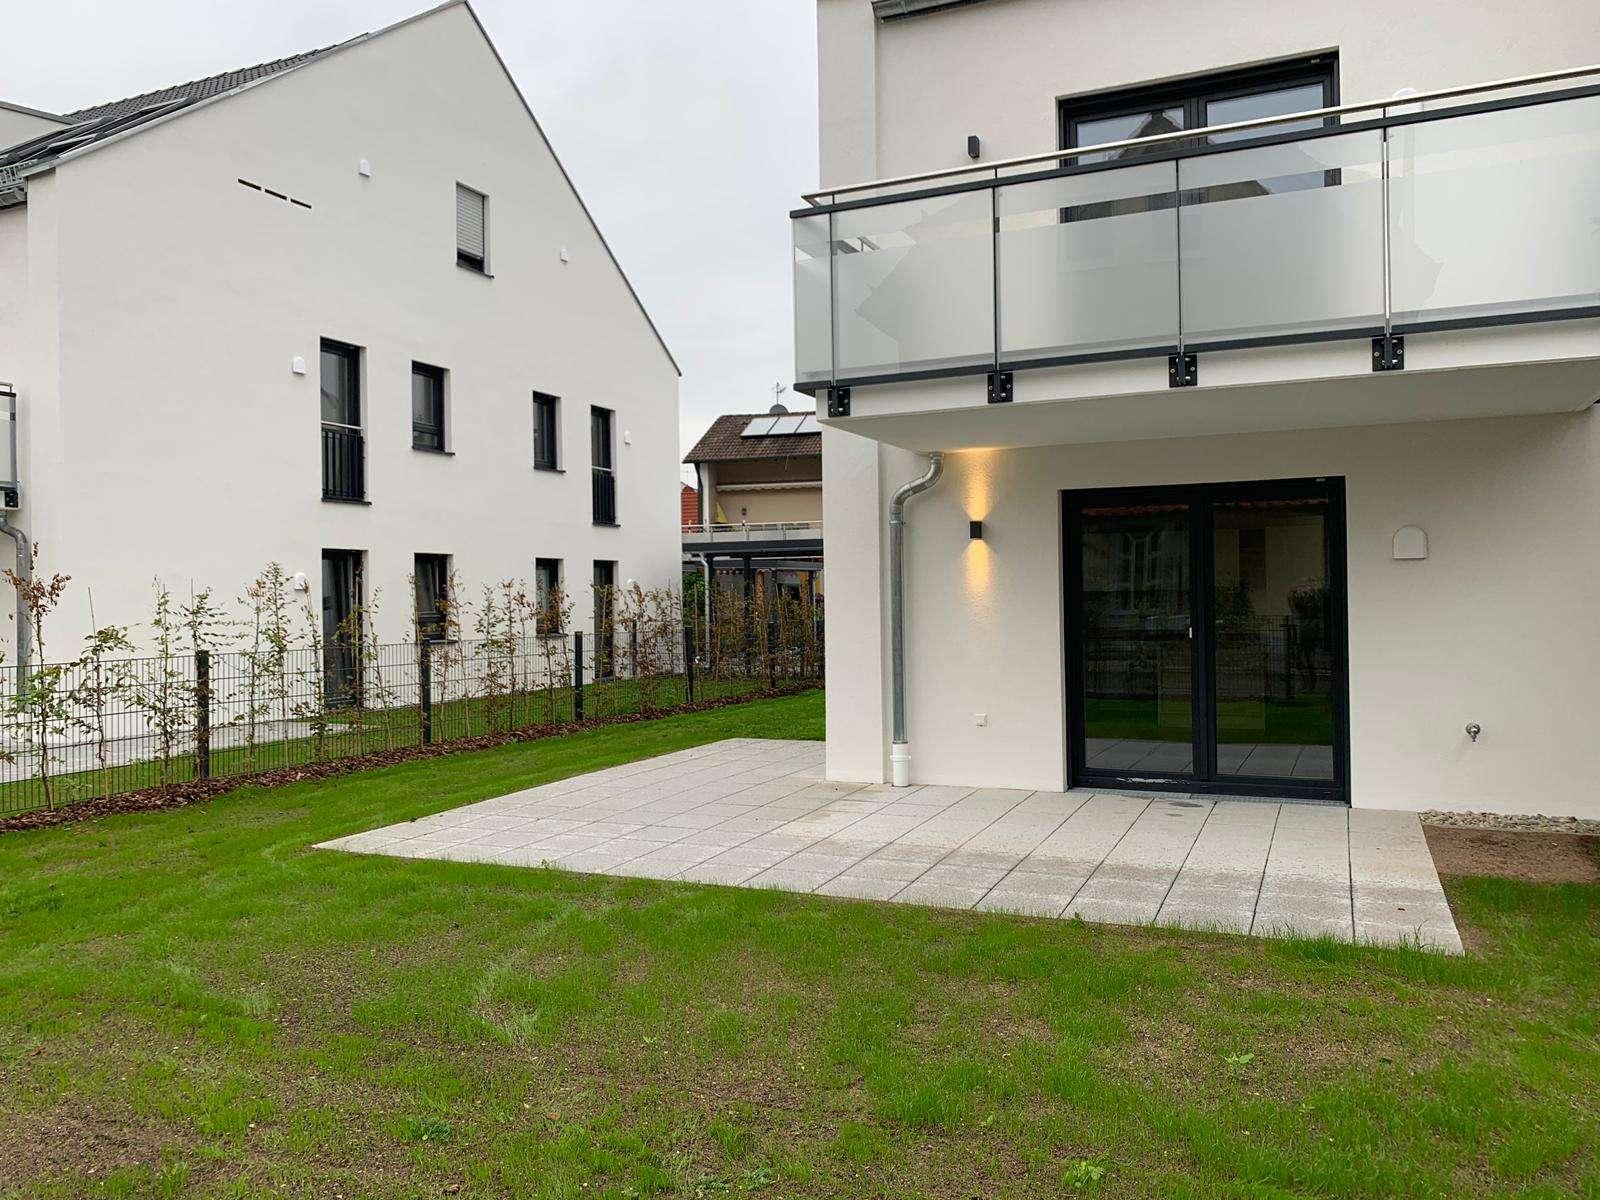 Neubau-Wohnung in Top-Lage mit Garten  in Dechsendorf (Erlangen)